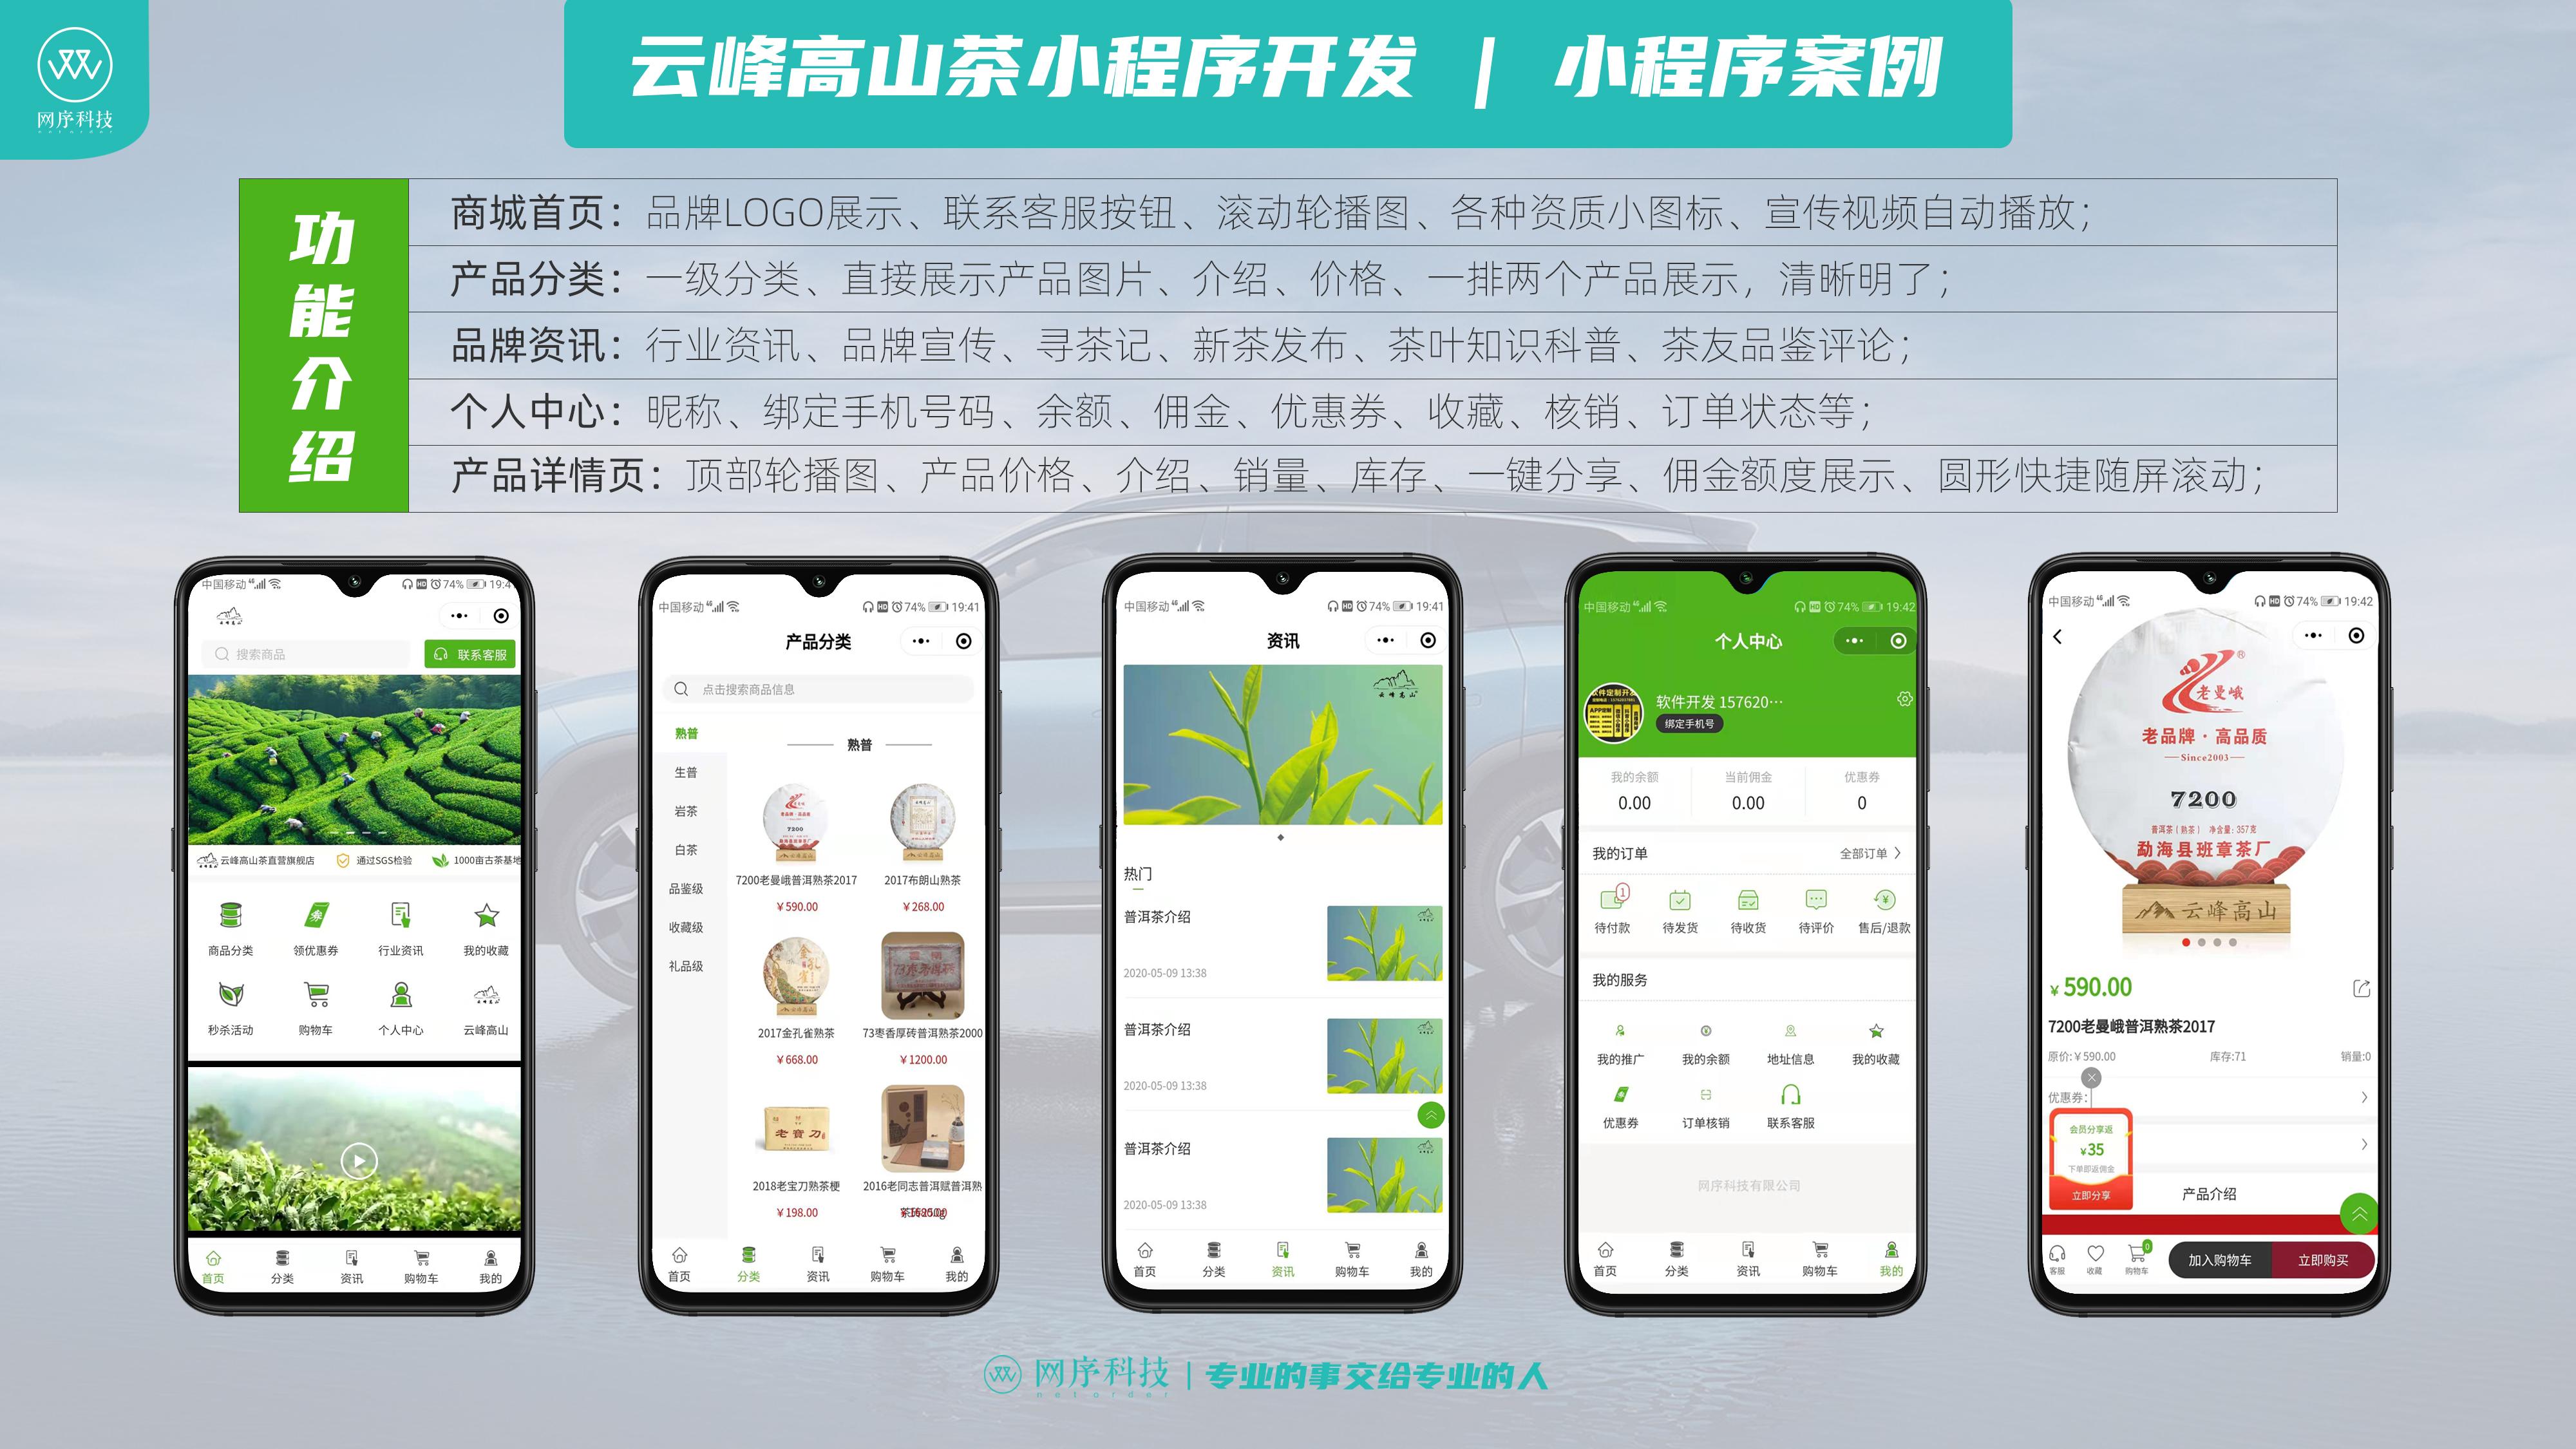 云峰高山茶厂(普洱茶)| 网序科技